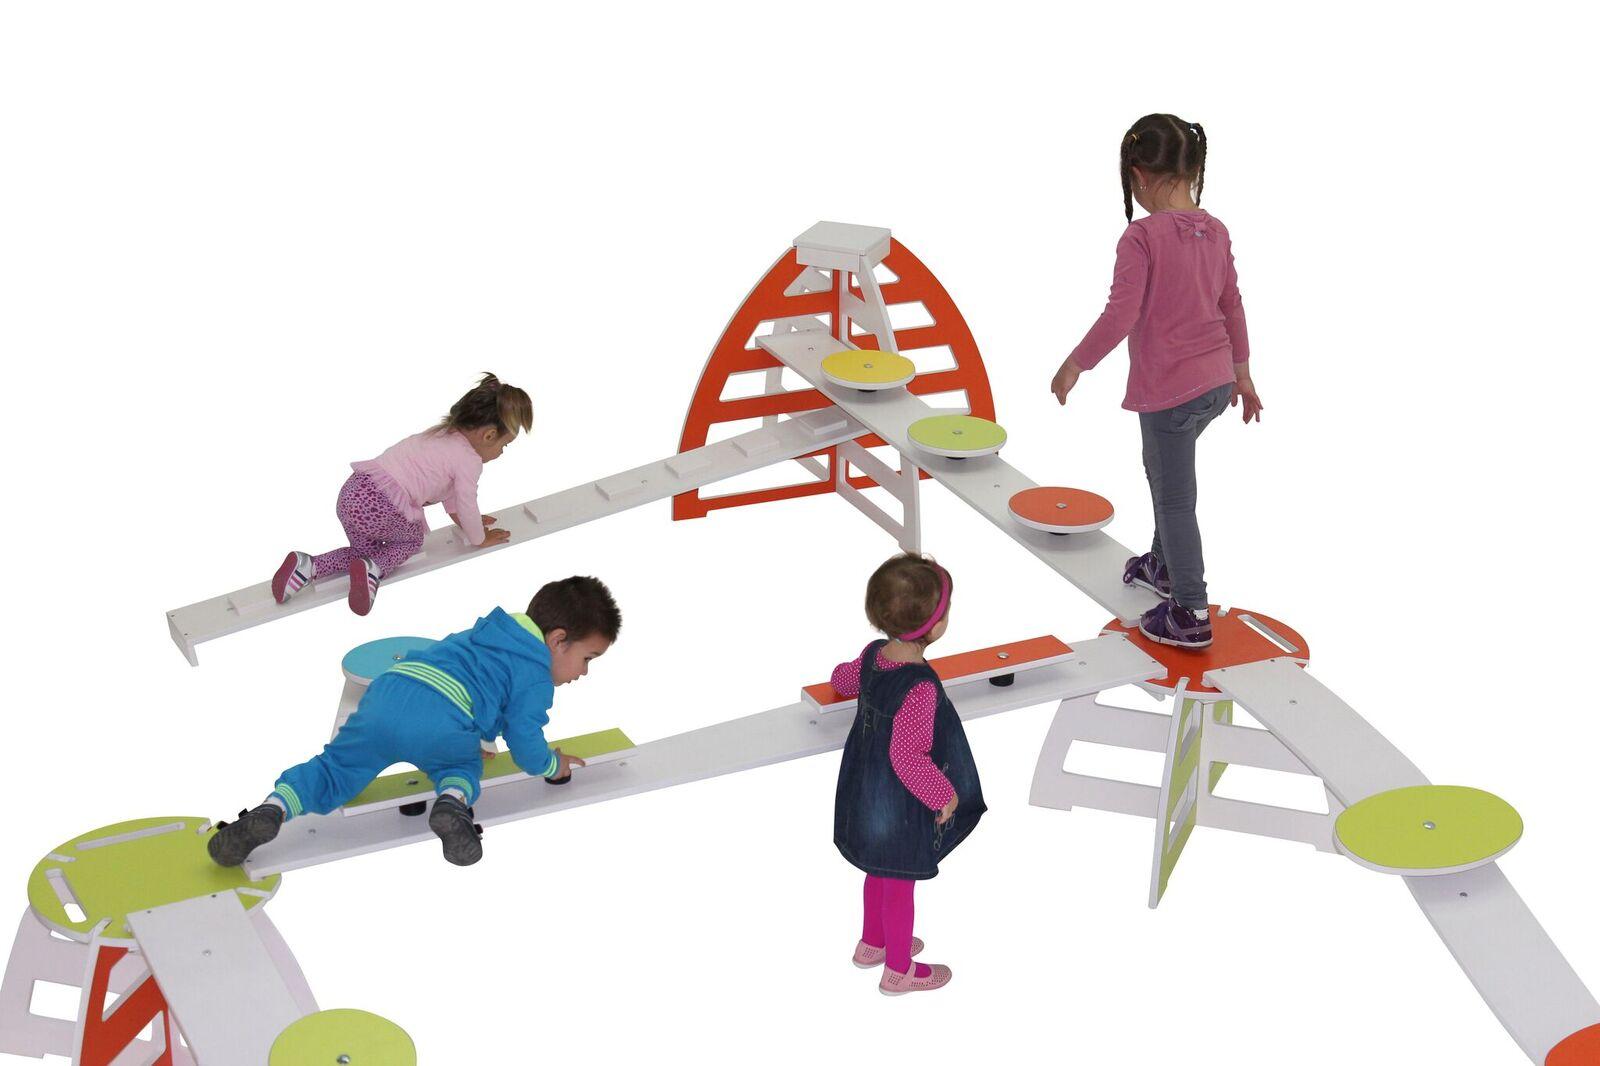 Verrassend Gym- balanceerset voor peuters - Capi Education IJ-65